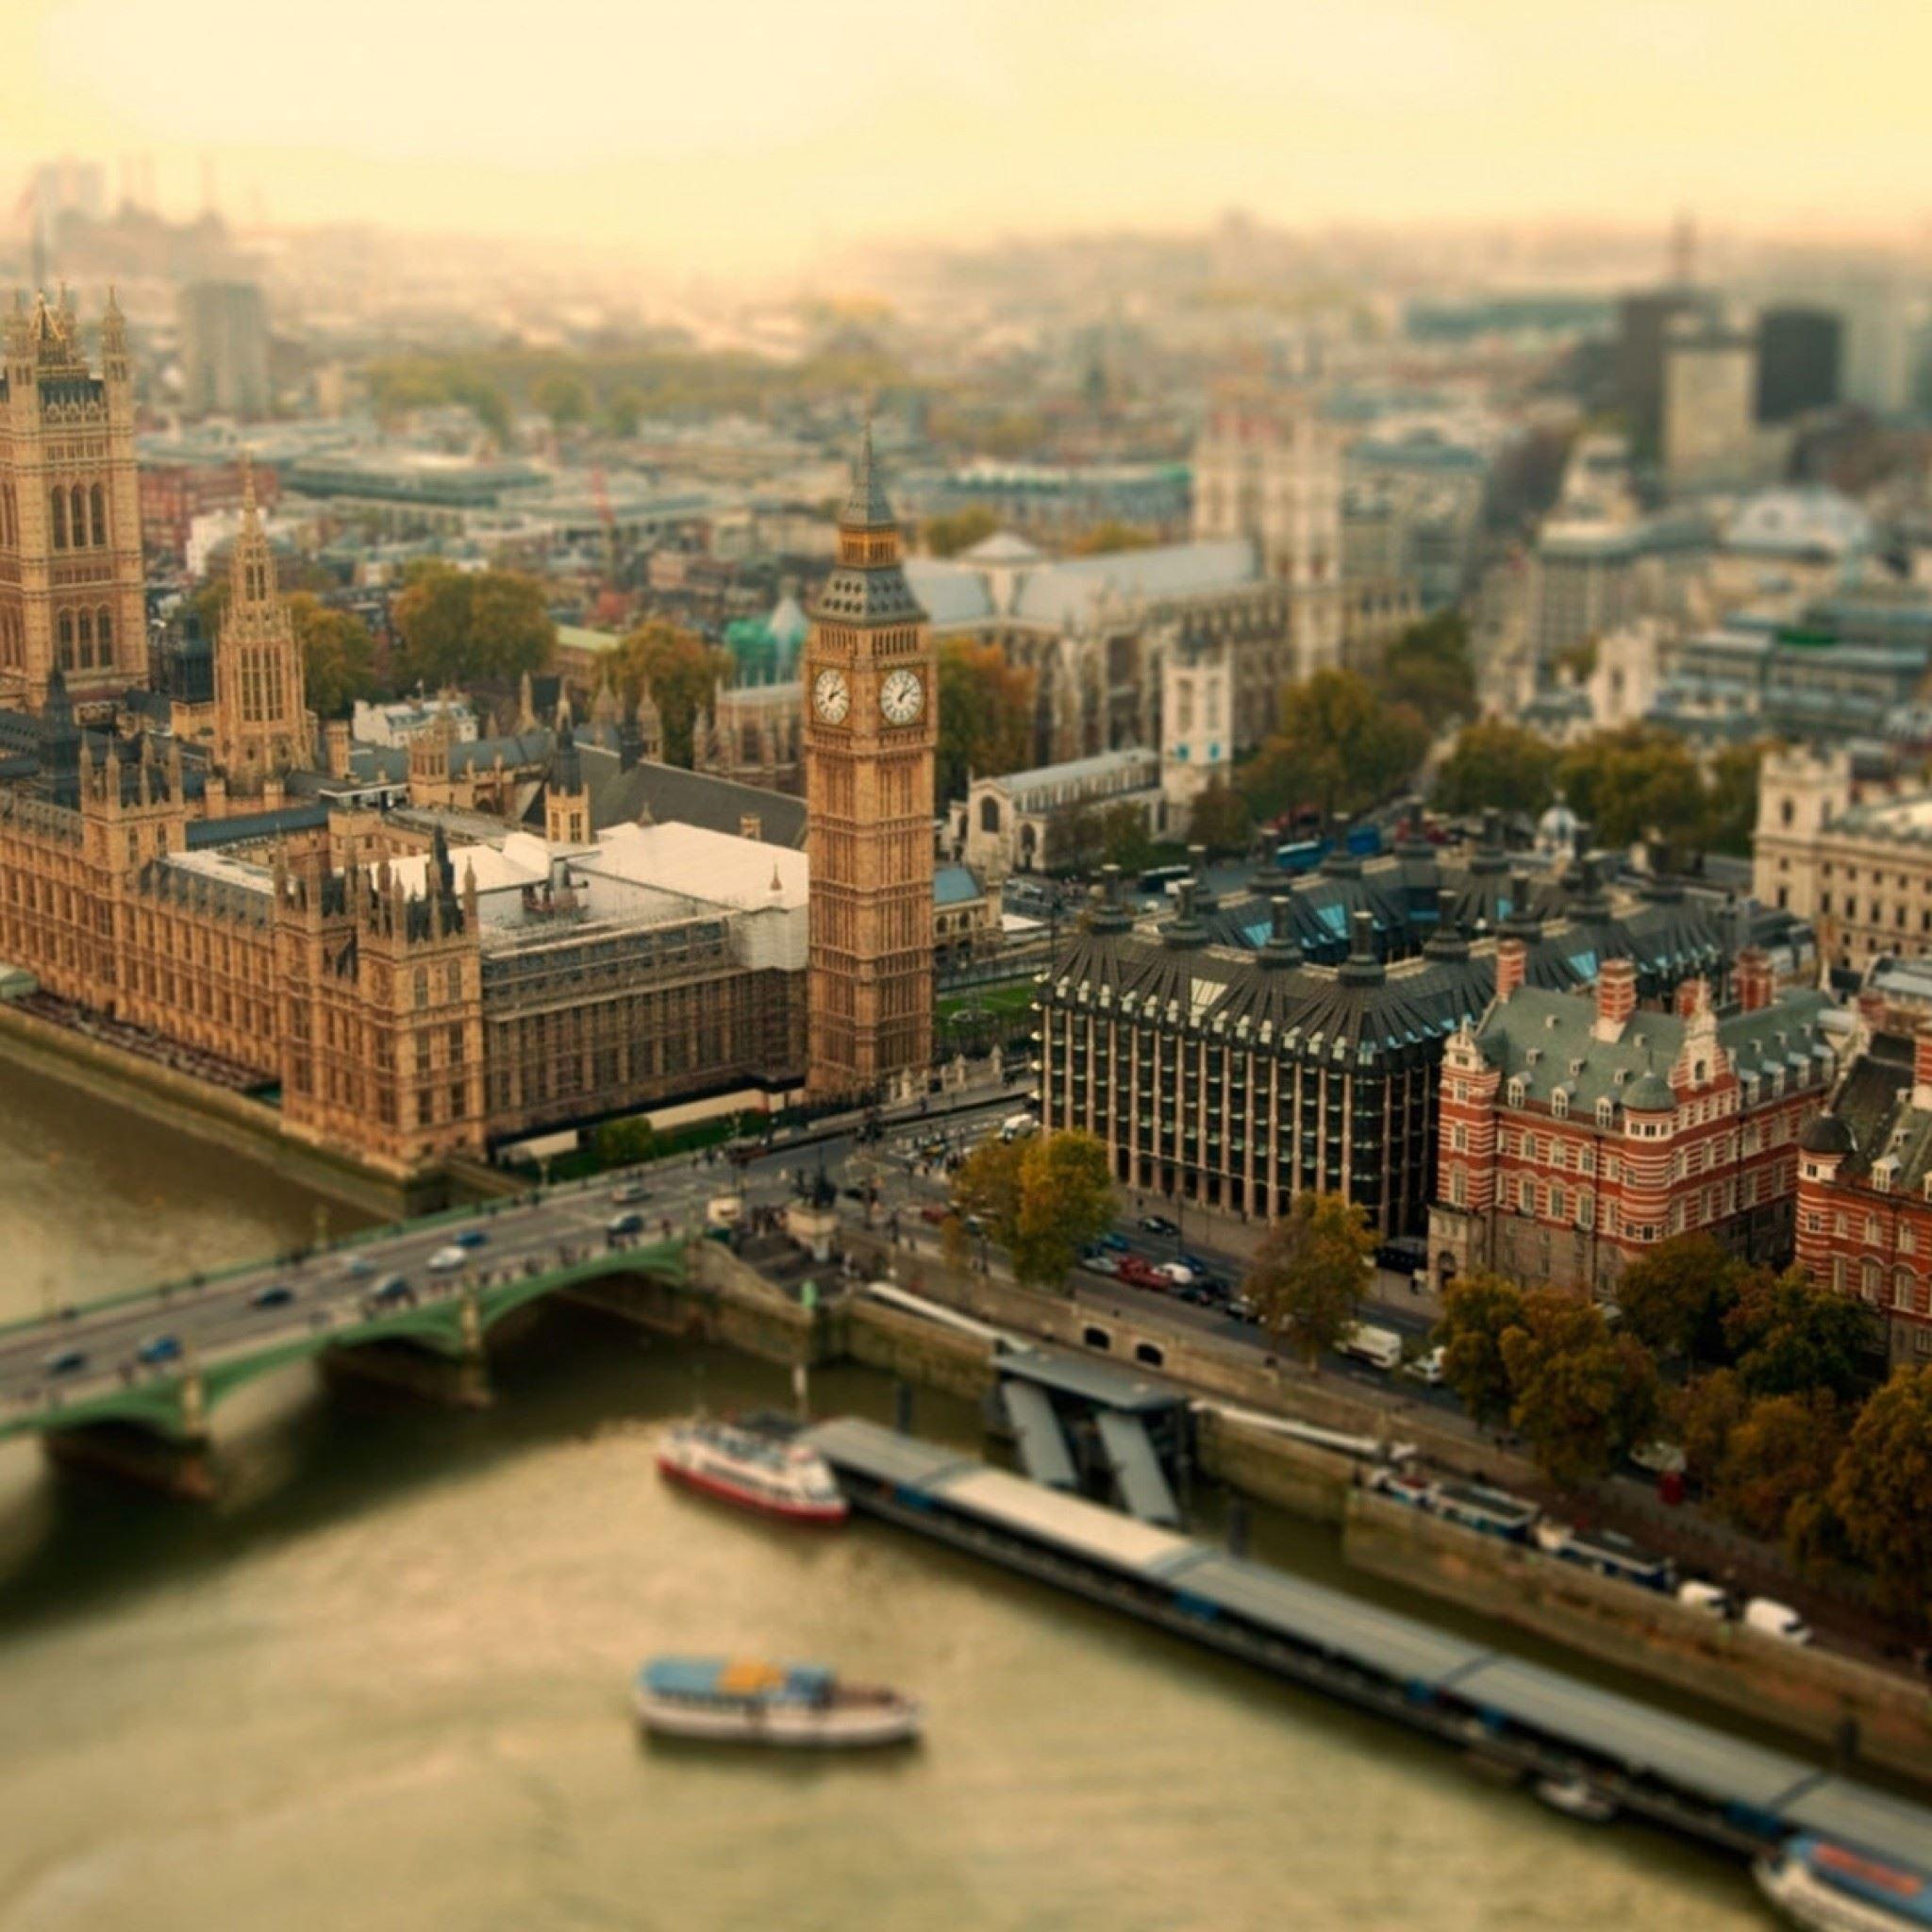 london uk bokeh ipad air wallpaper download | iphone wallpapers